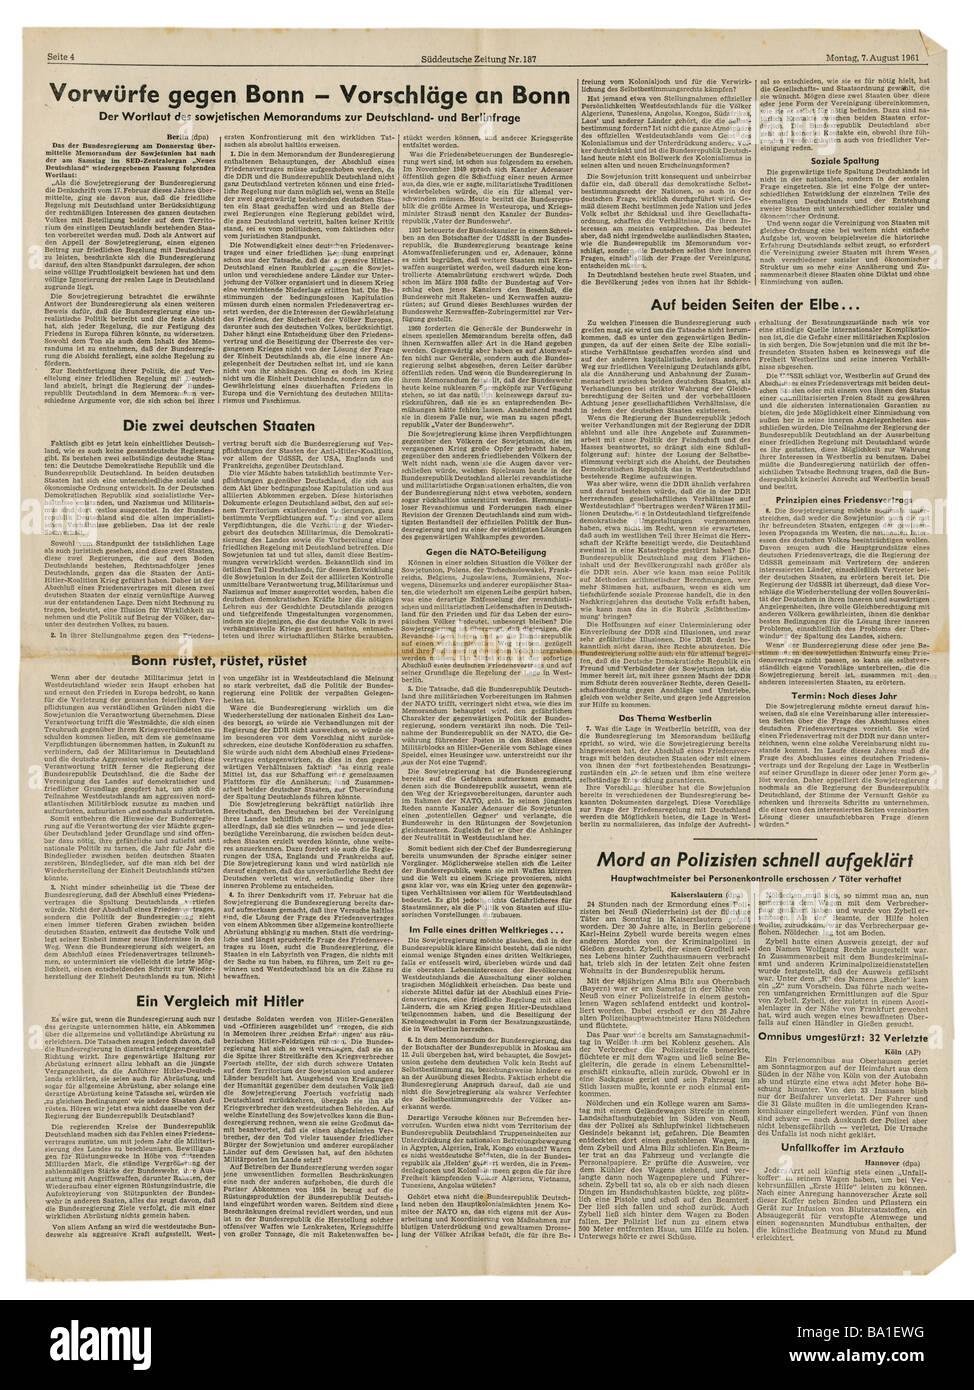 press/media, magazines, 'Süddeutsche Zeitung', Munich, 17 volume, number 187, Monday 7.8.1961, article, - Stock Image